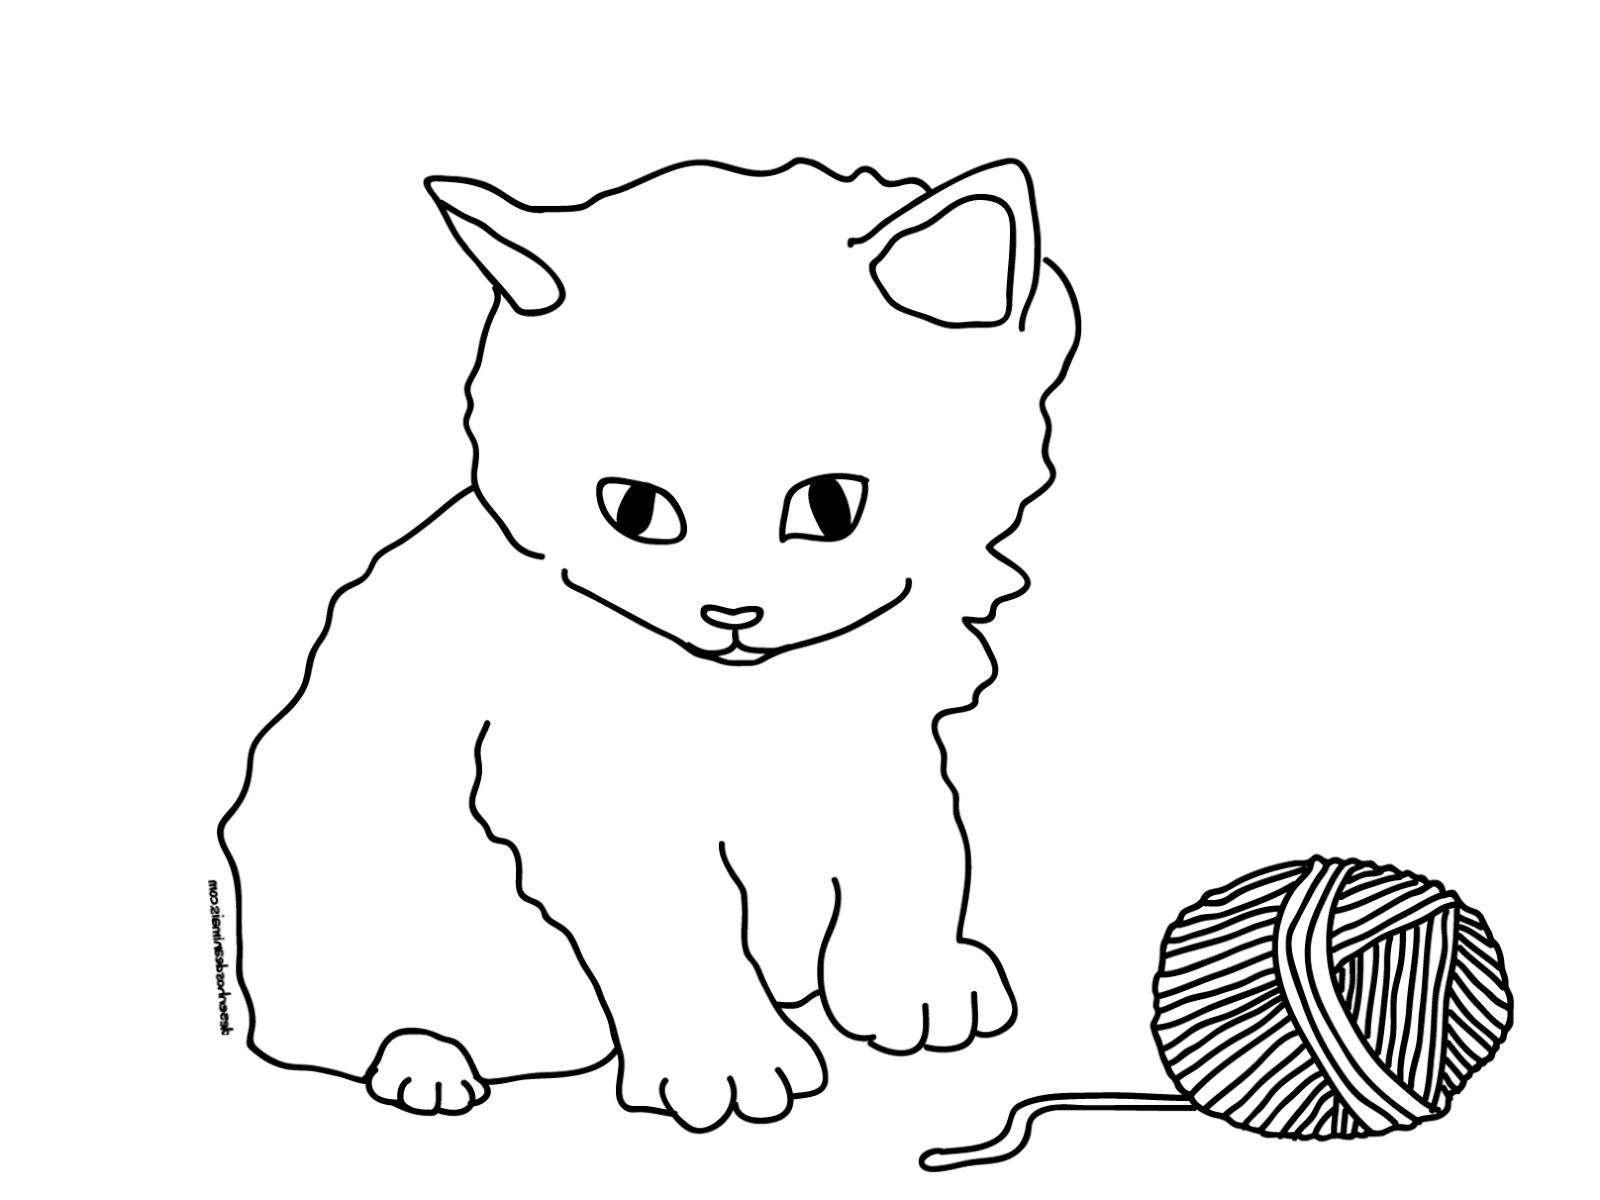 Katzen Bilder Zum Ausmalen mit Katzenbilder Zum Ausdrucken